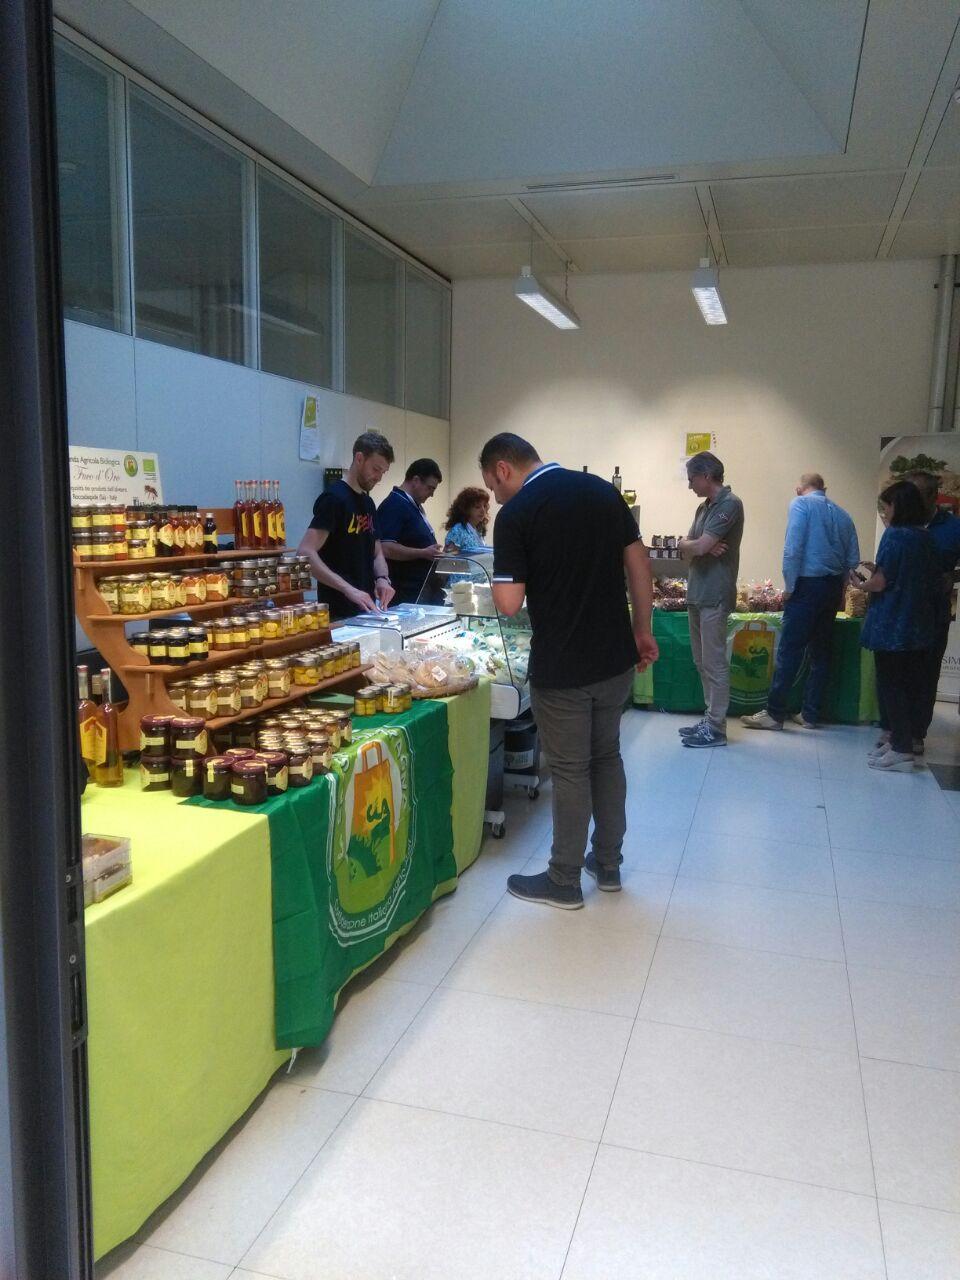 Campania protagonista in Veneto con la mozzarella 'anti-camorra'